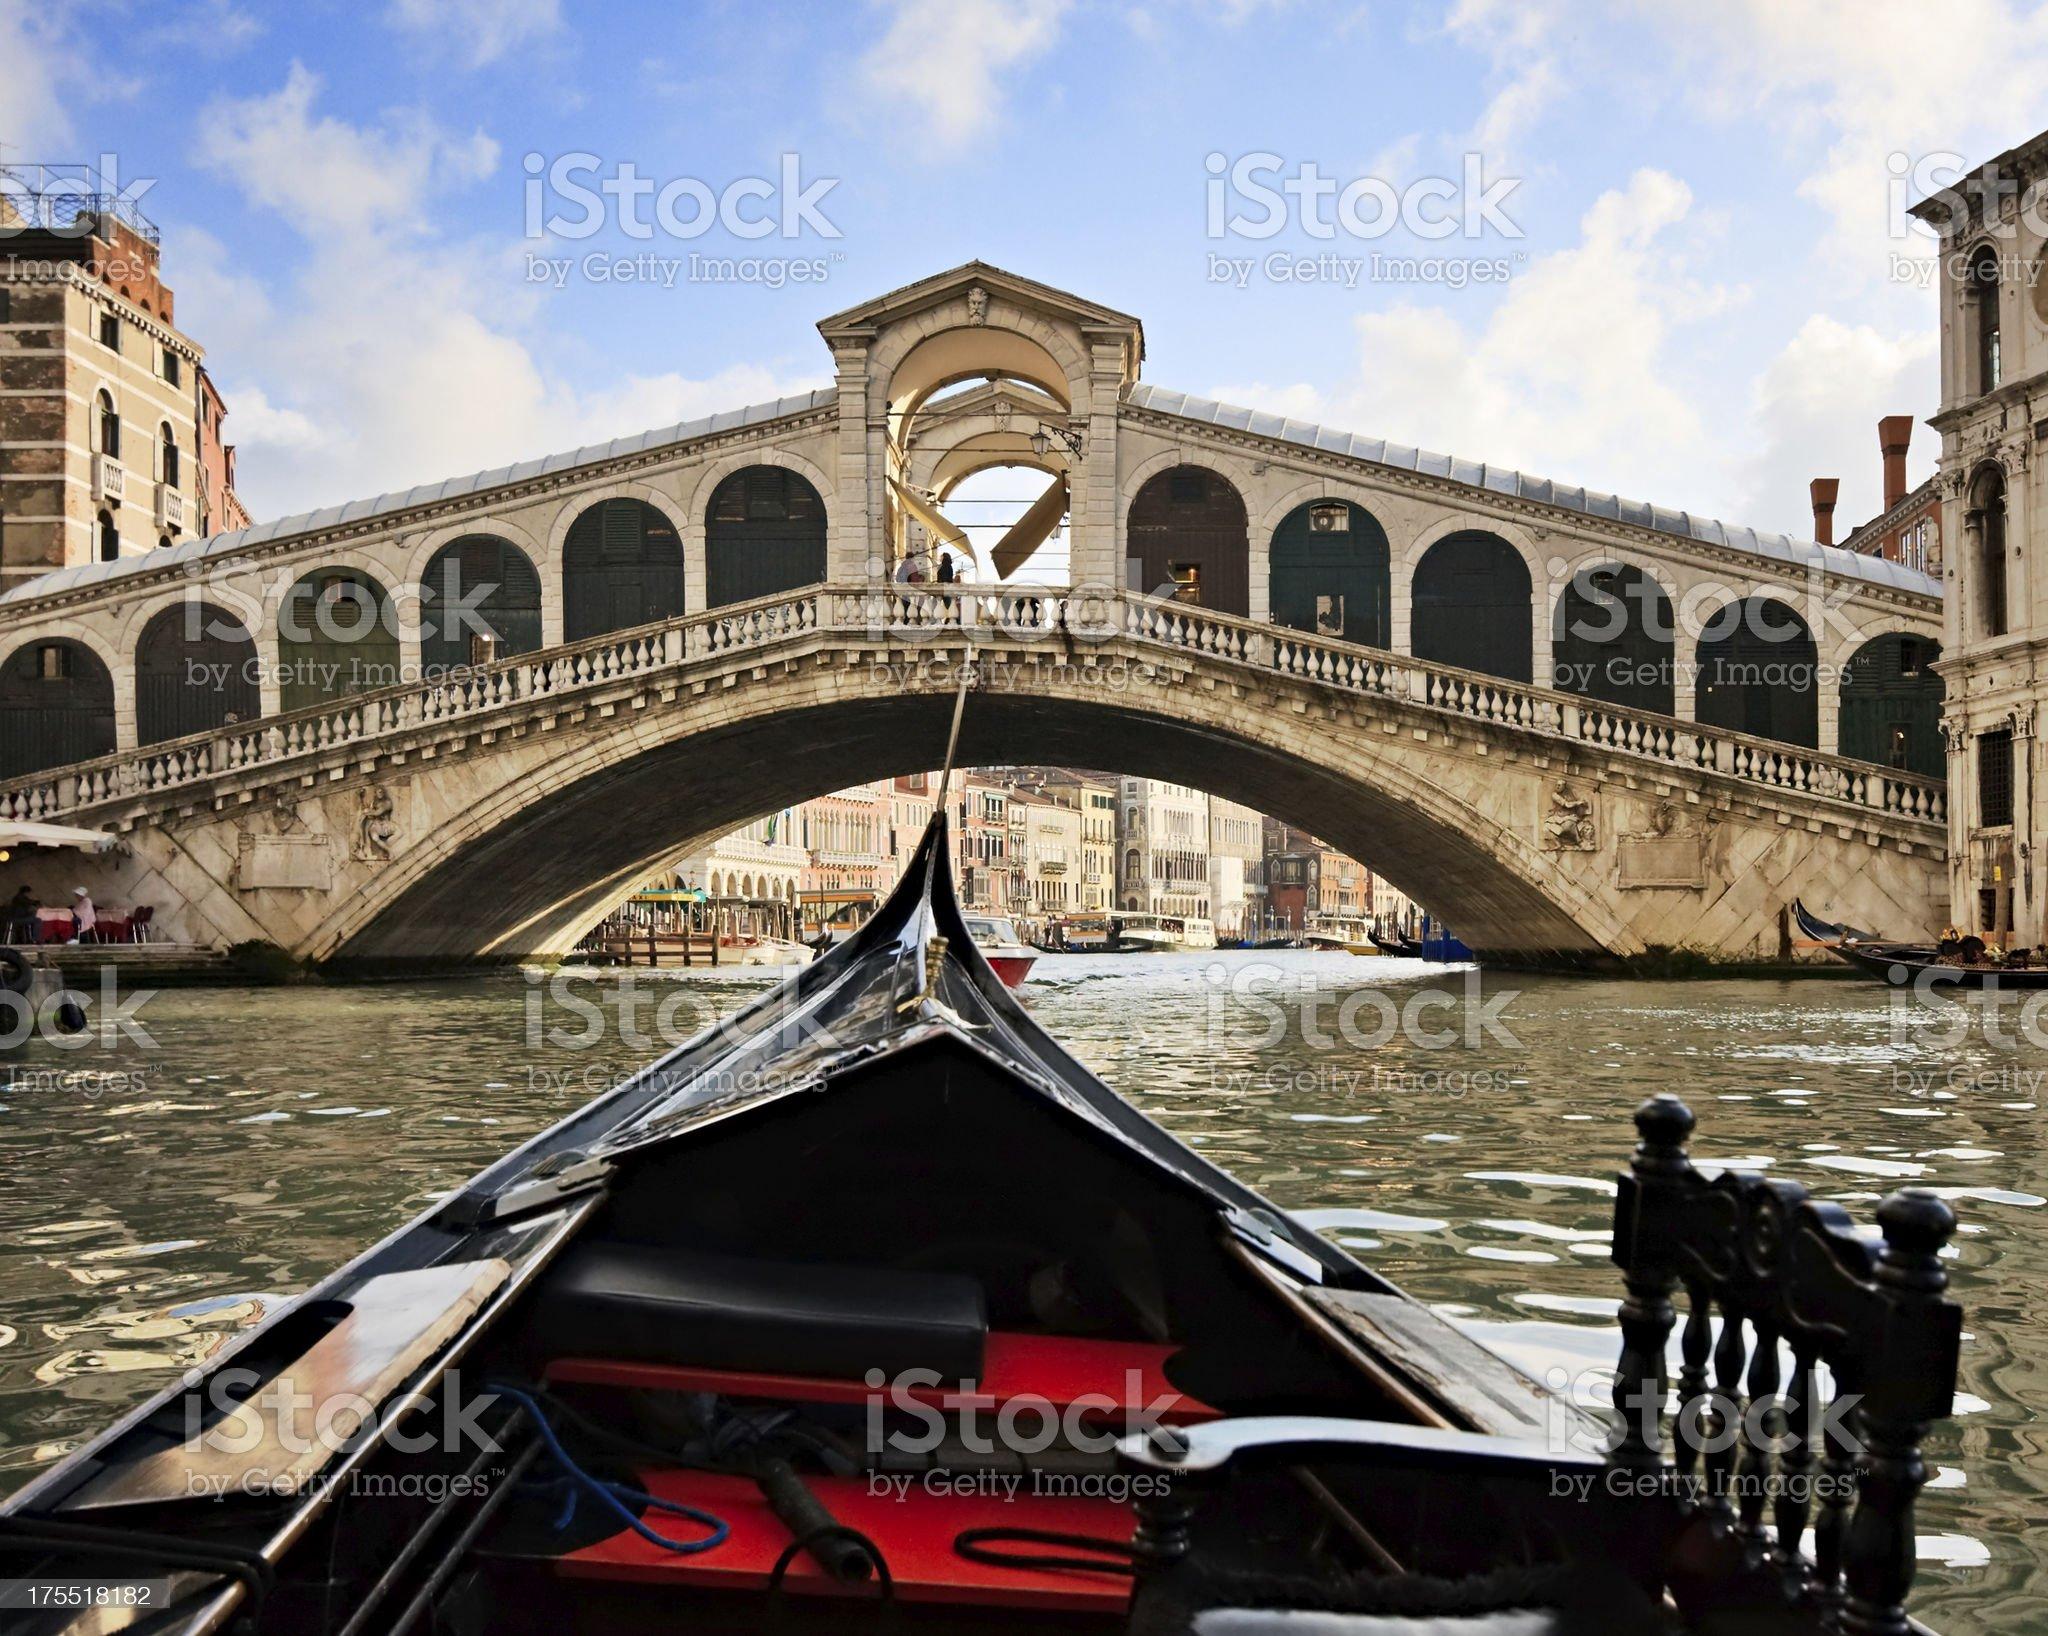 Gondola near Rialto Bridge, Venice, Italy royalty-free stock photo